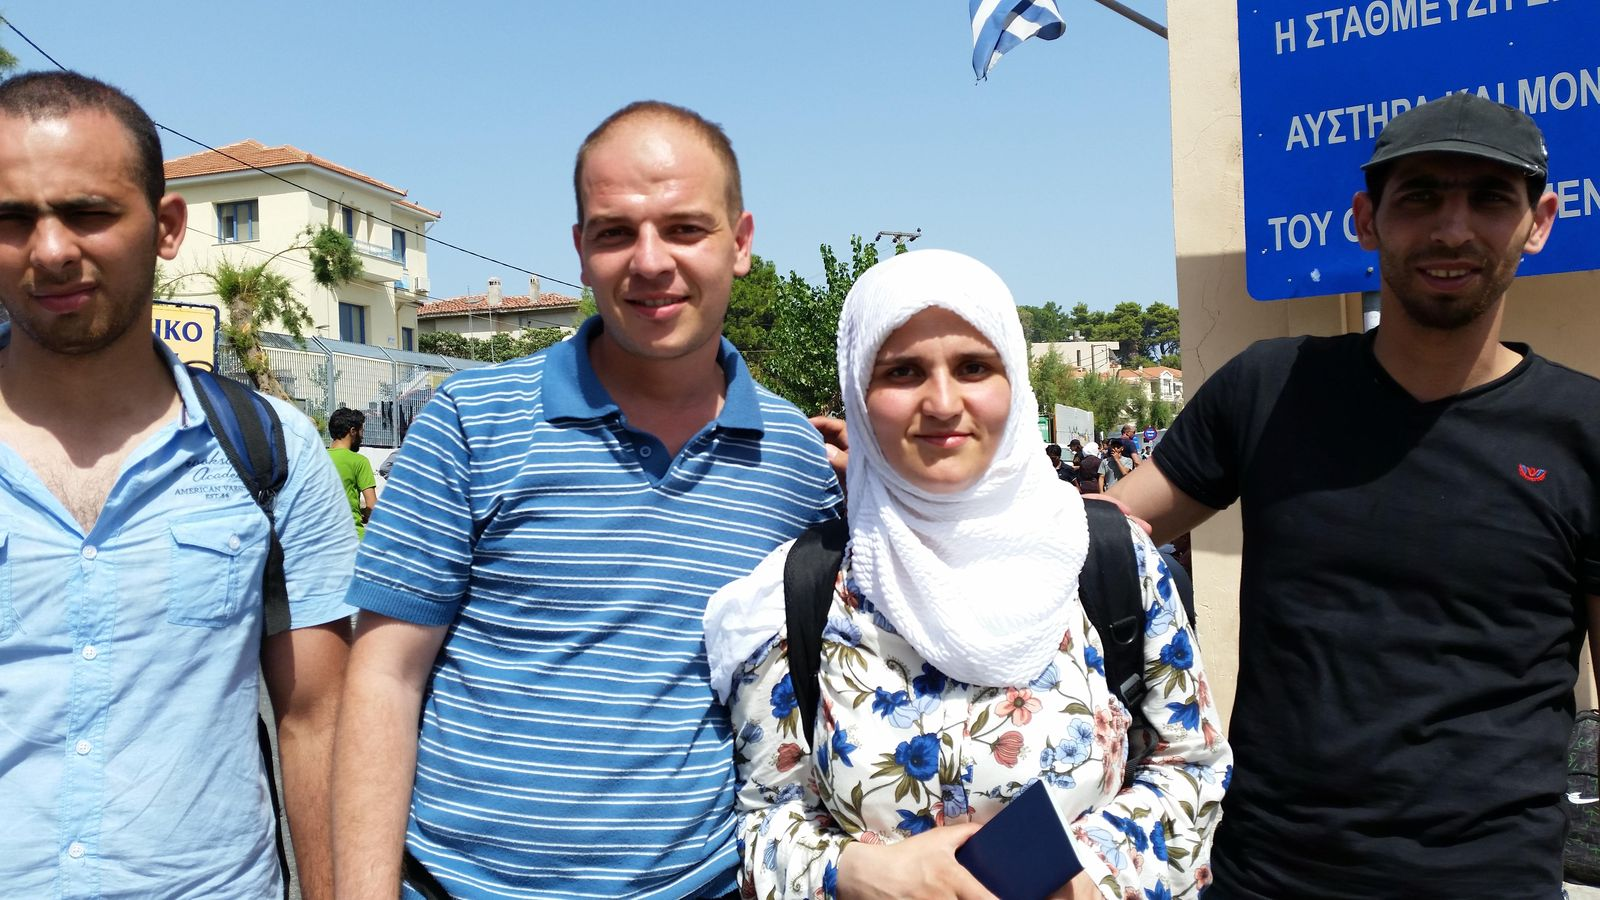 Foto: Los hermanos sirios Malaz y Sana, protagonistas de nuestra ruta con los refugiados (Foto: Pilar Cebrián).